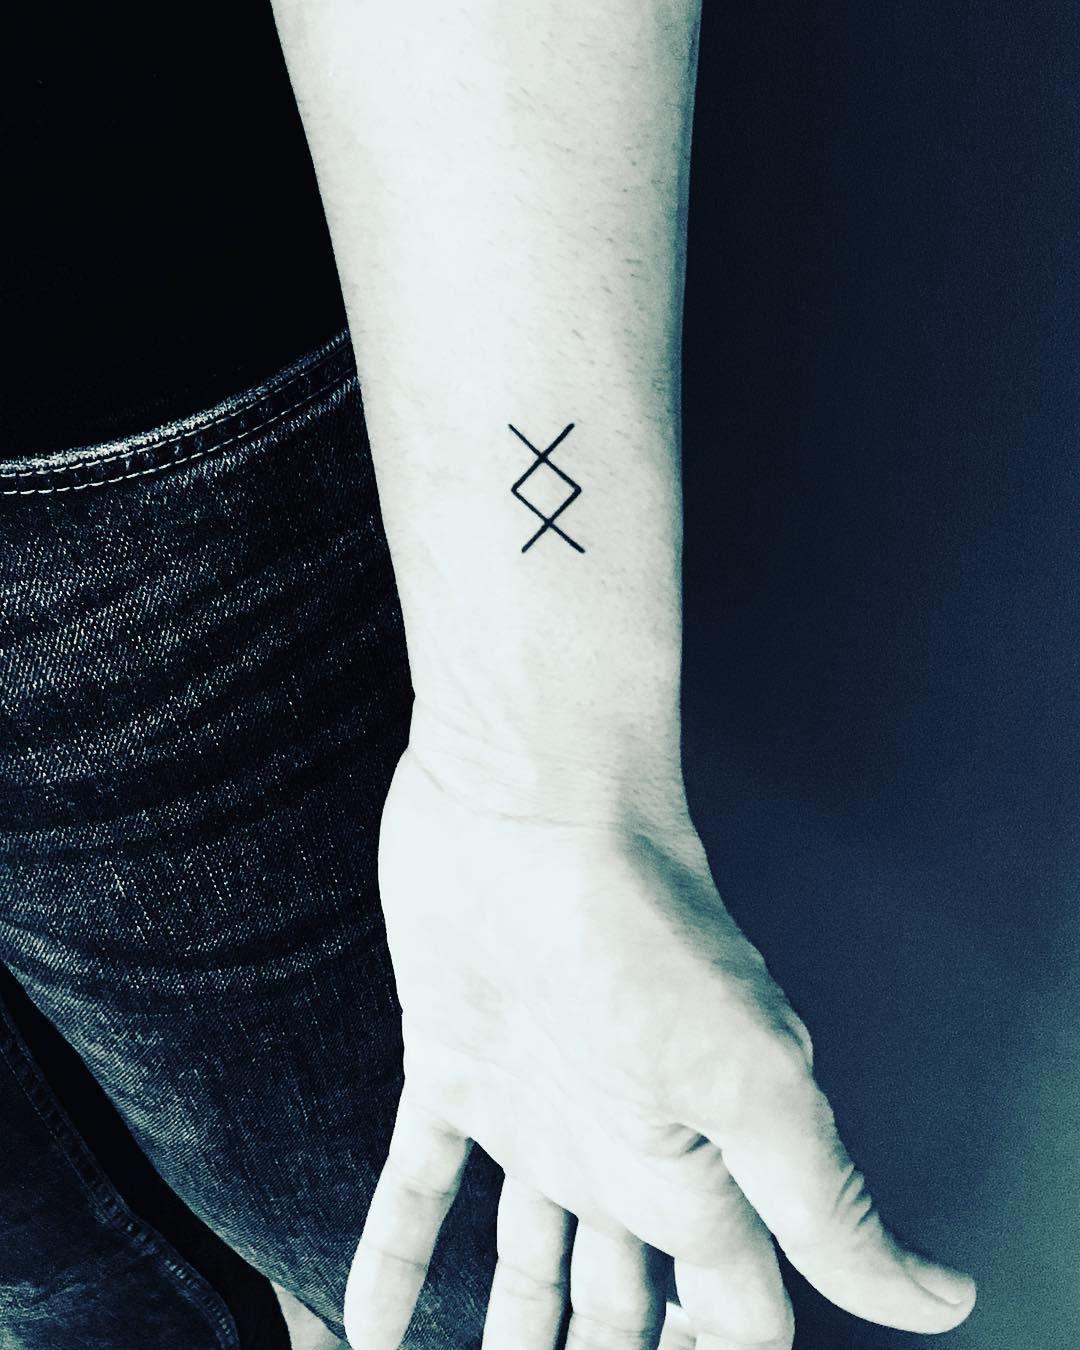 10 Tatuajes Significativos Para Celebrar Un Nuevo Comienzo Vix G